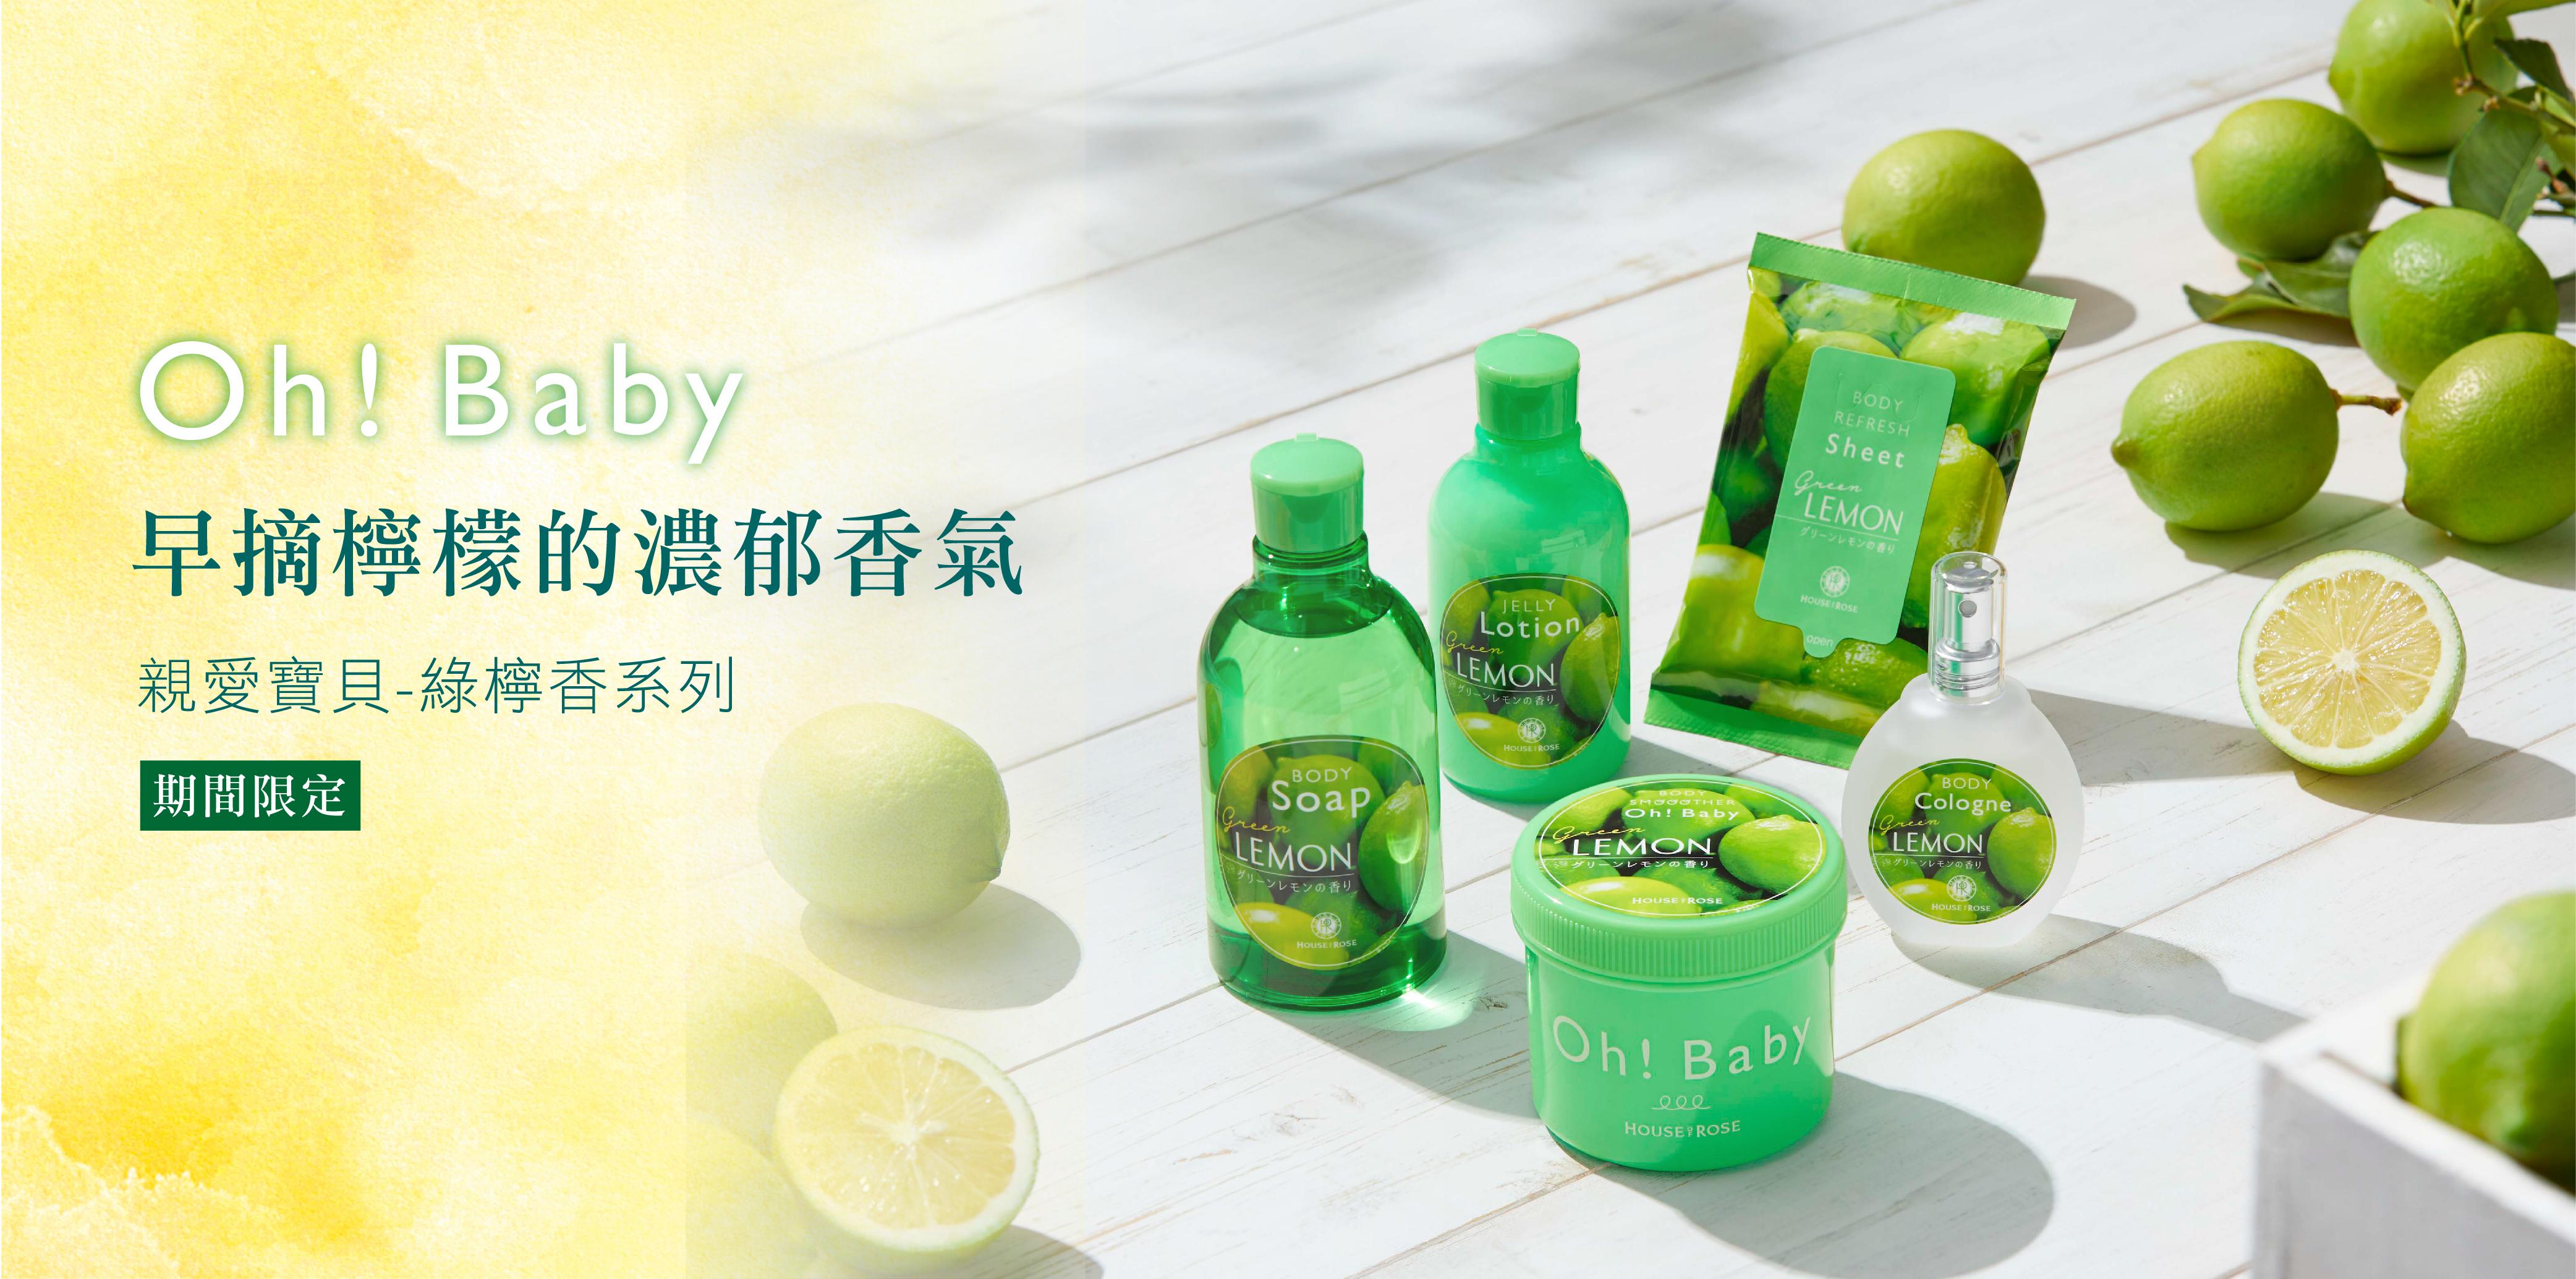 新品上市: 期間限定親愛寶貝 綠檸香系列